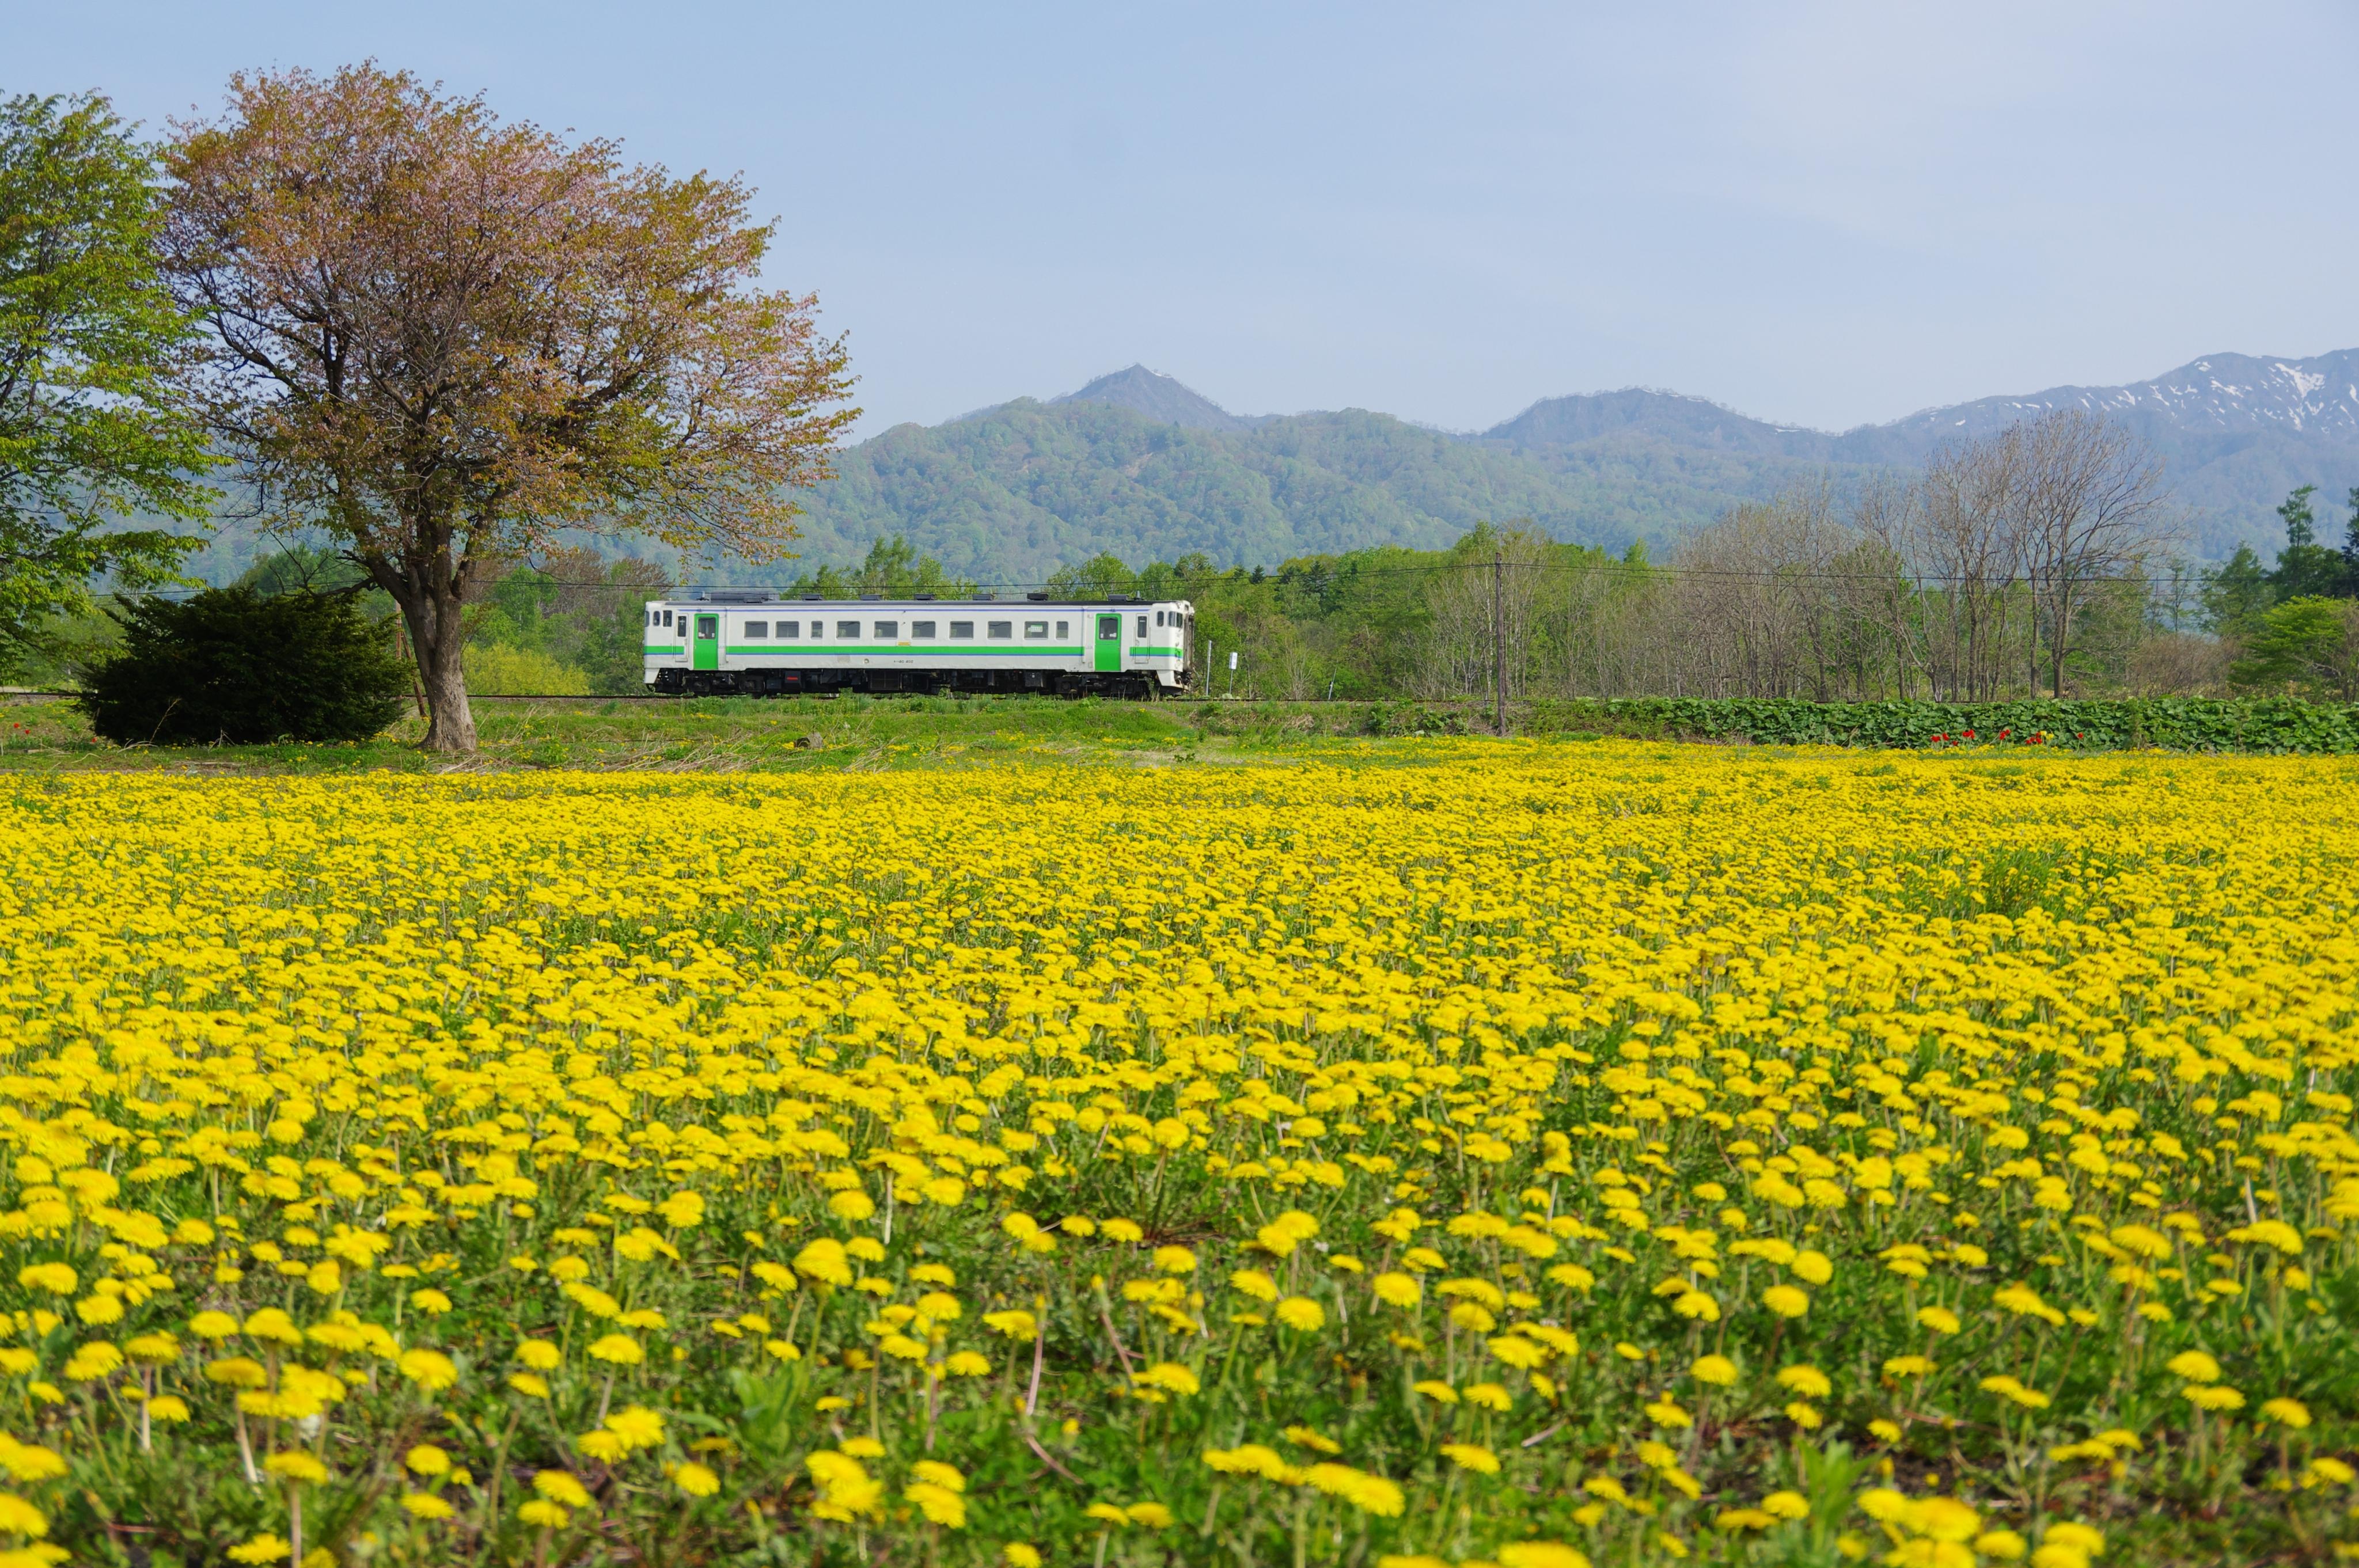 キハ40 5423D 豊ヶ岡−札比内 タンポポ畑_190518.jpg